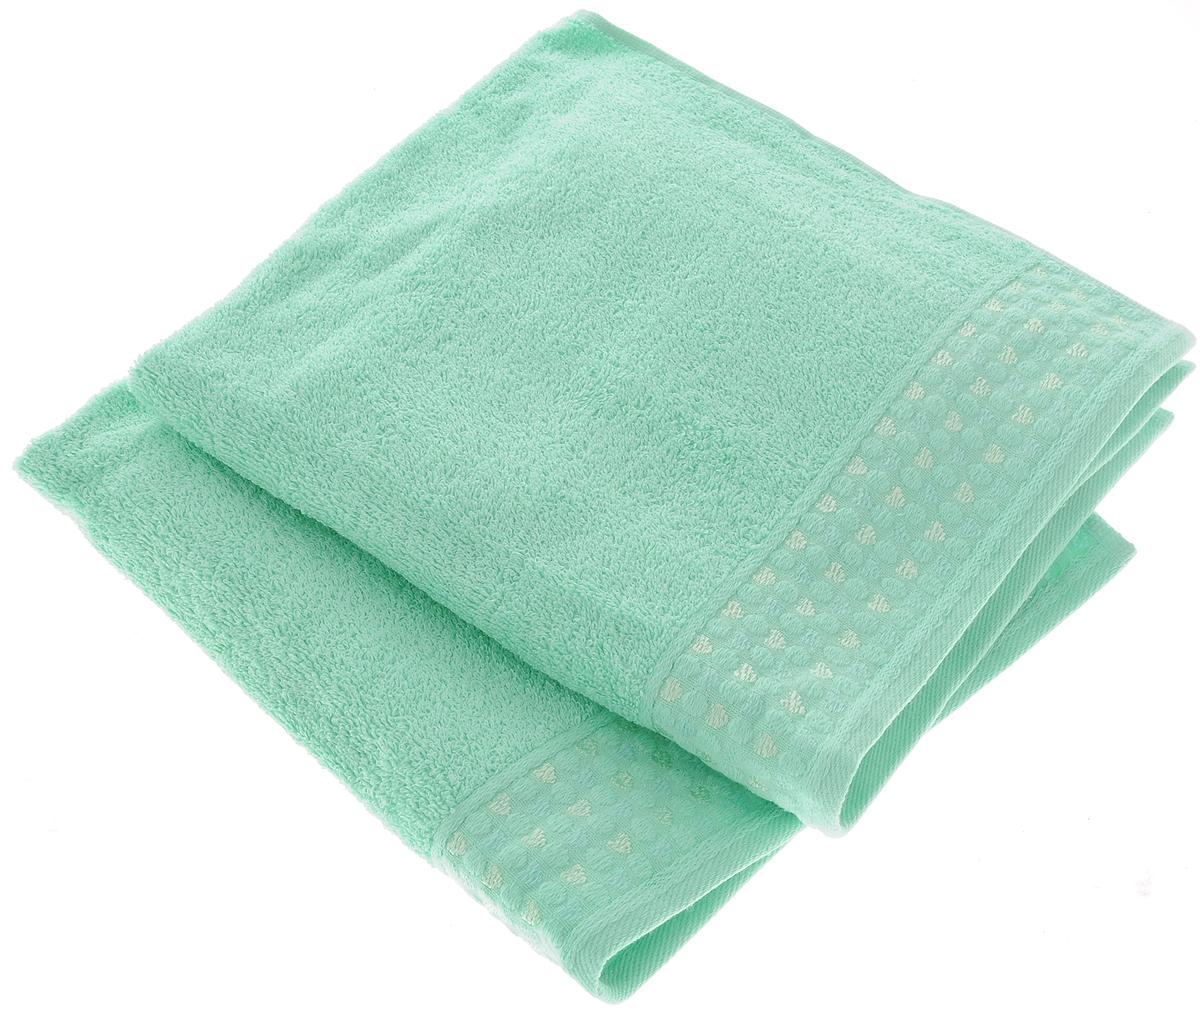 Набор полотенец Tete-a-Tete Сердечки, цвет: бирюза, 50 х 90 см, 2 шт531-105Набор Tete-a-Tete Сердечки состоит из двух махровых полотенец, выполненных из натурального 100% хлопка. Бордюр полотенец декорирован рисунком сердечек. Изделия мягкие, отлично впитывают влагу, быстро сохнут, сохраняют яркость цвета и не теряют форму даже после многократных стирок. Полотенца Tete-a-Tete Сердечки очень практичны и неприхотливы в уходе. Они легко впишутся в любой интерьер благодаря своей нежной цветовой гамме. Набор упакован в красивую коробку и может послужить отличной идеей подарка.Размер полотенец: 50 х 90 см.